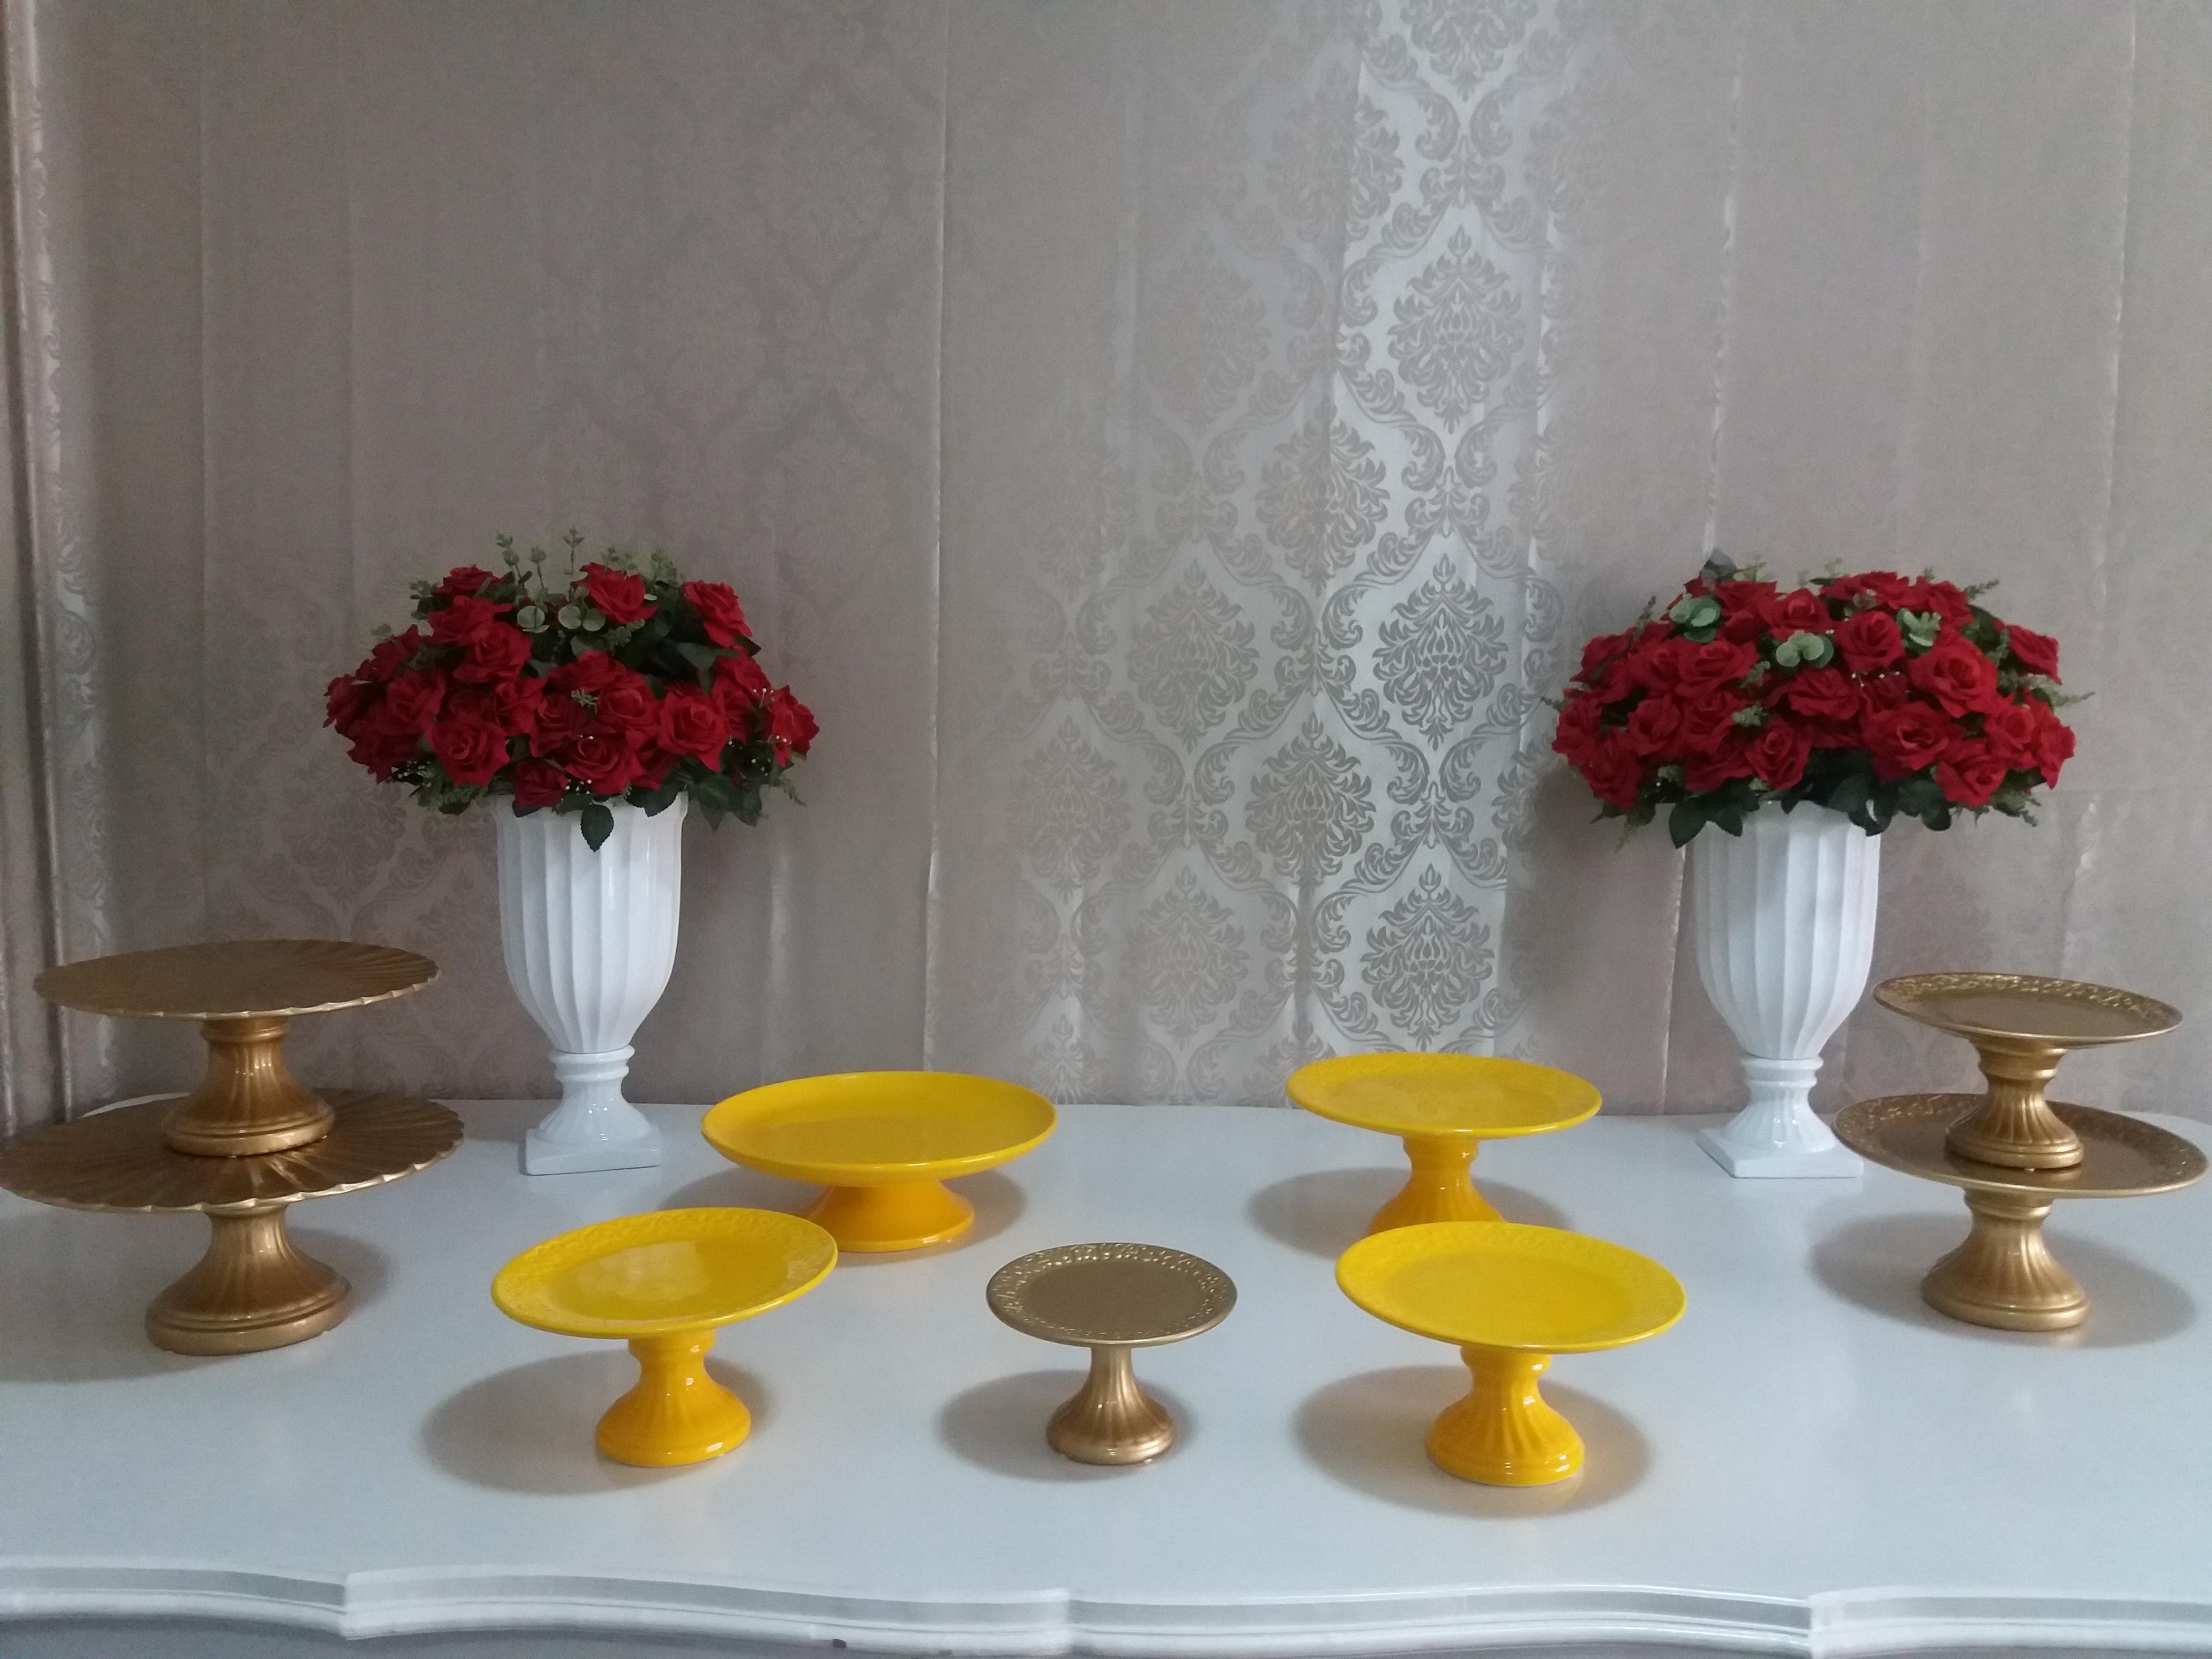 Porcelanas - Dourada -amarela -branca